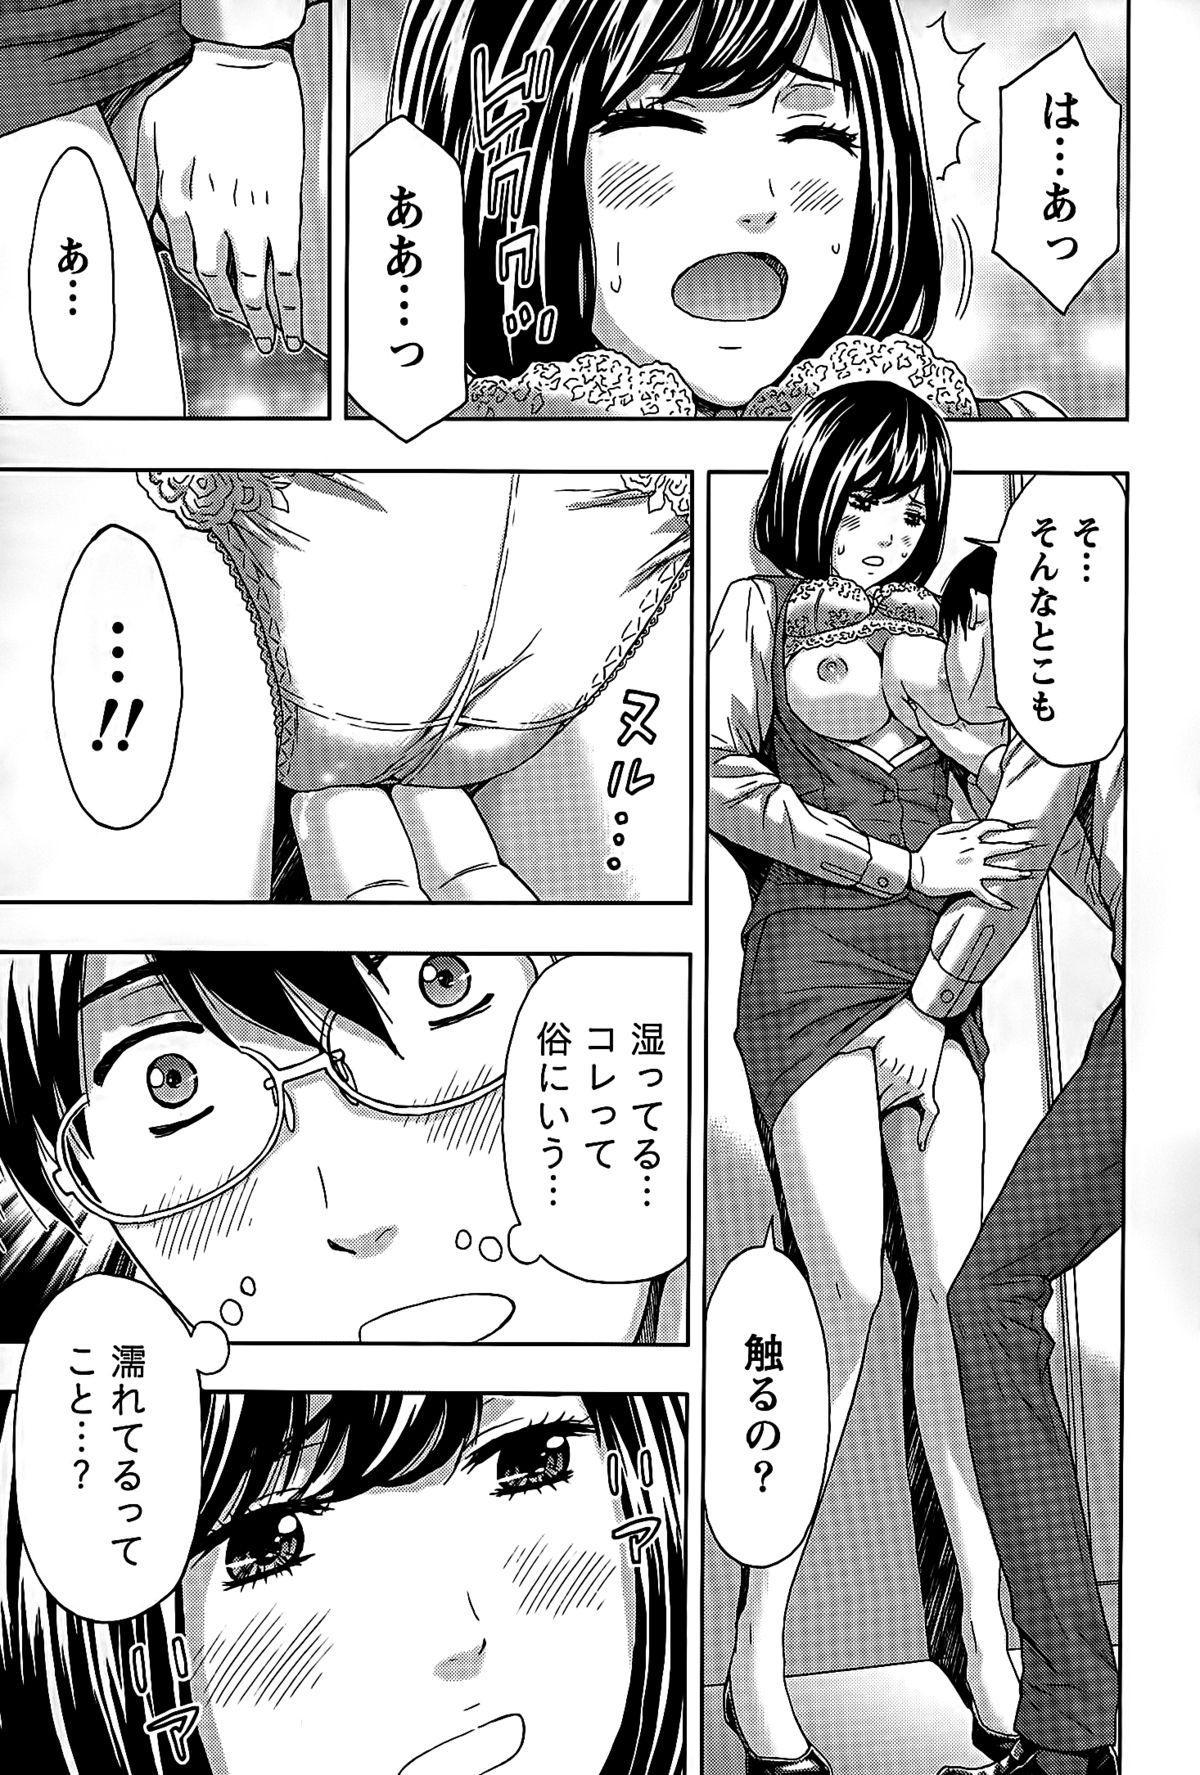 Shittori Lady to Amai Mitsu 98